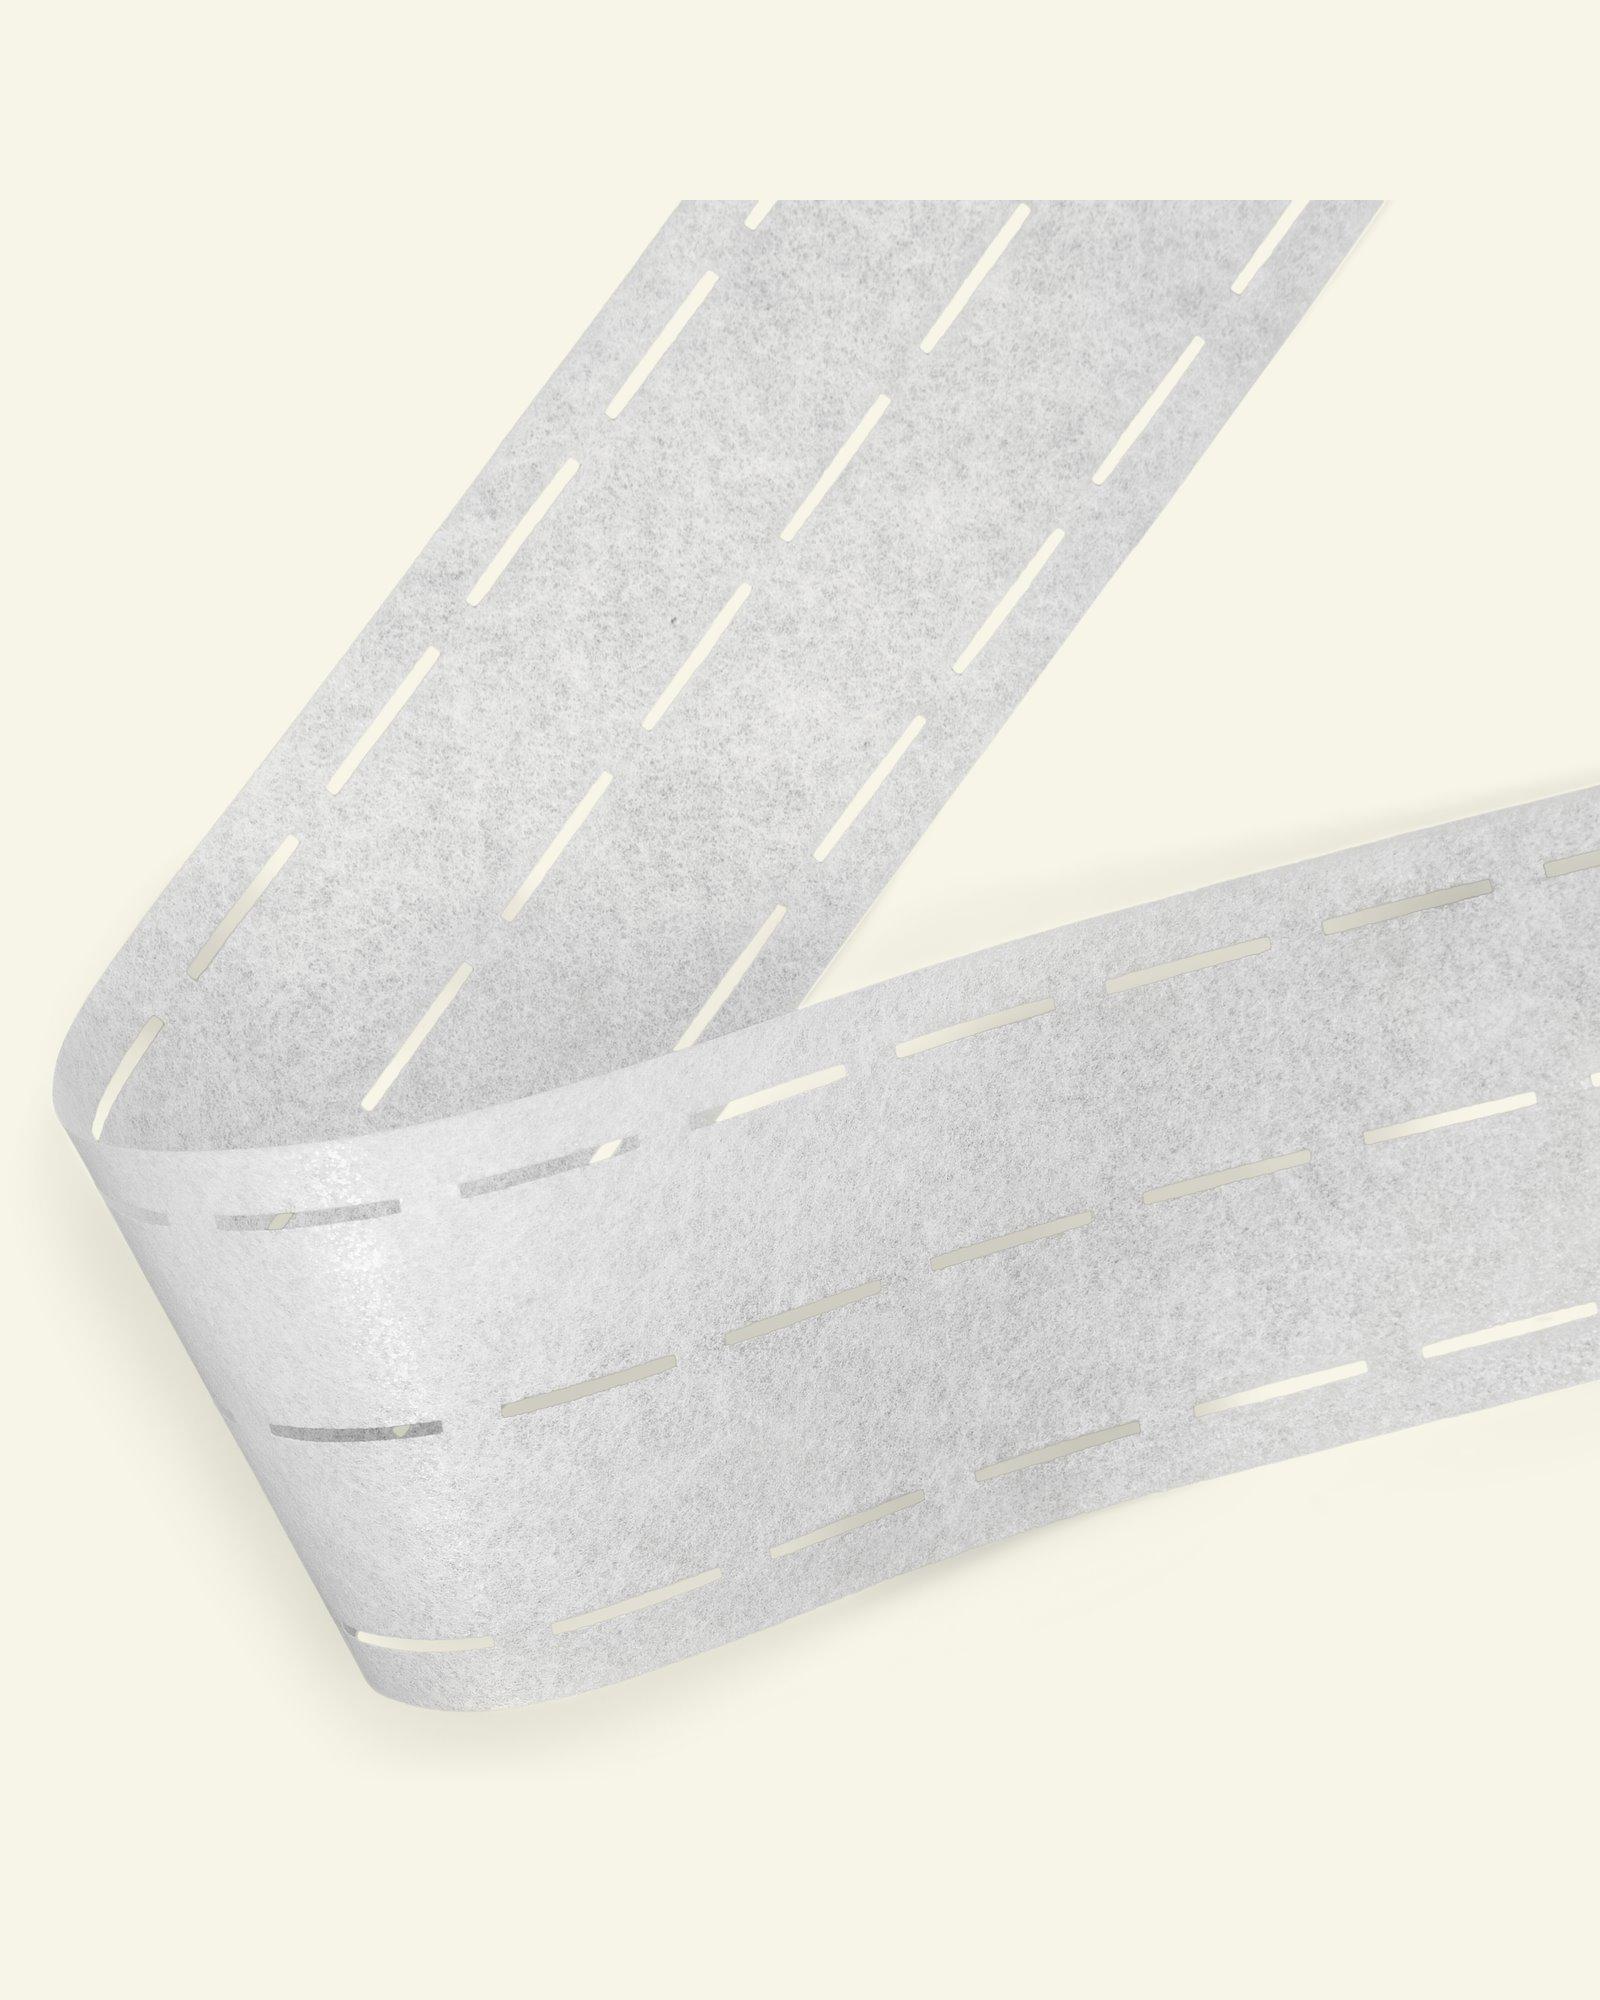 Staflex waistband 80mm 3m